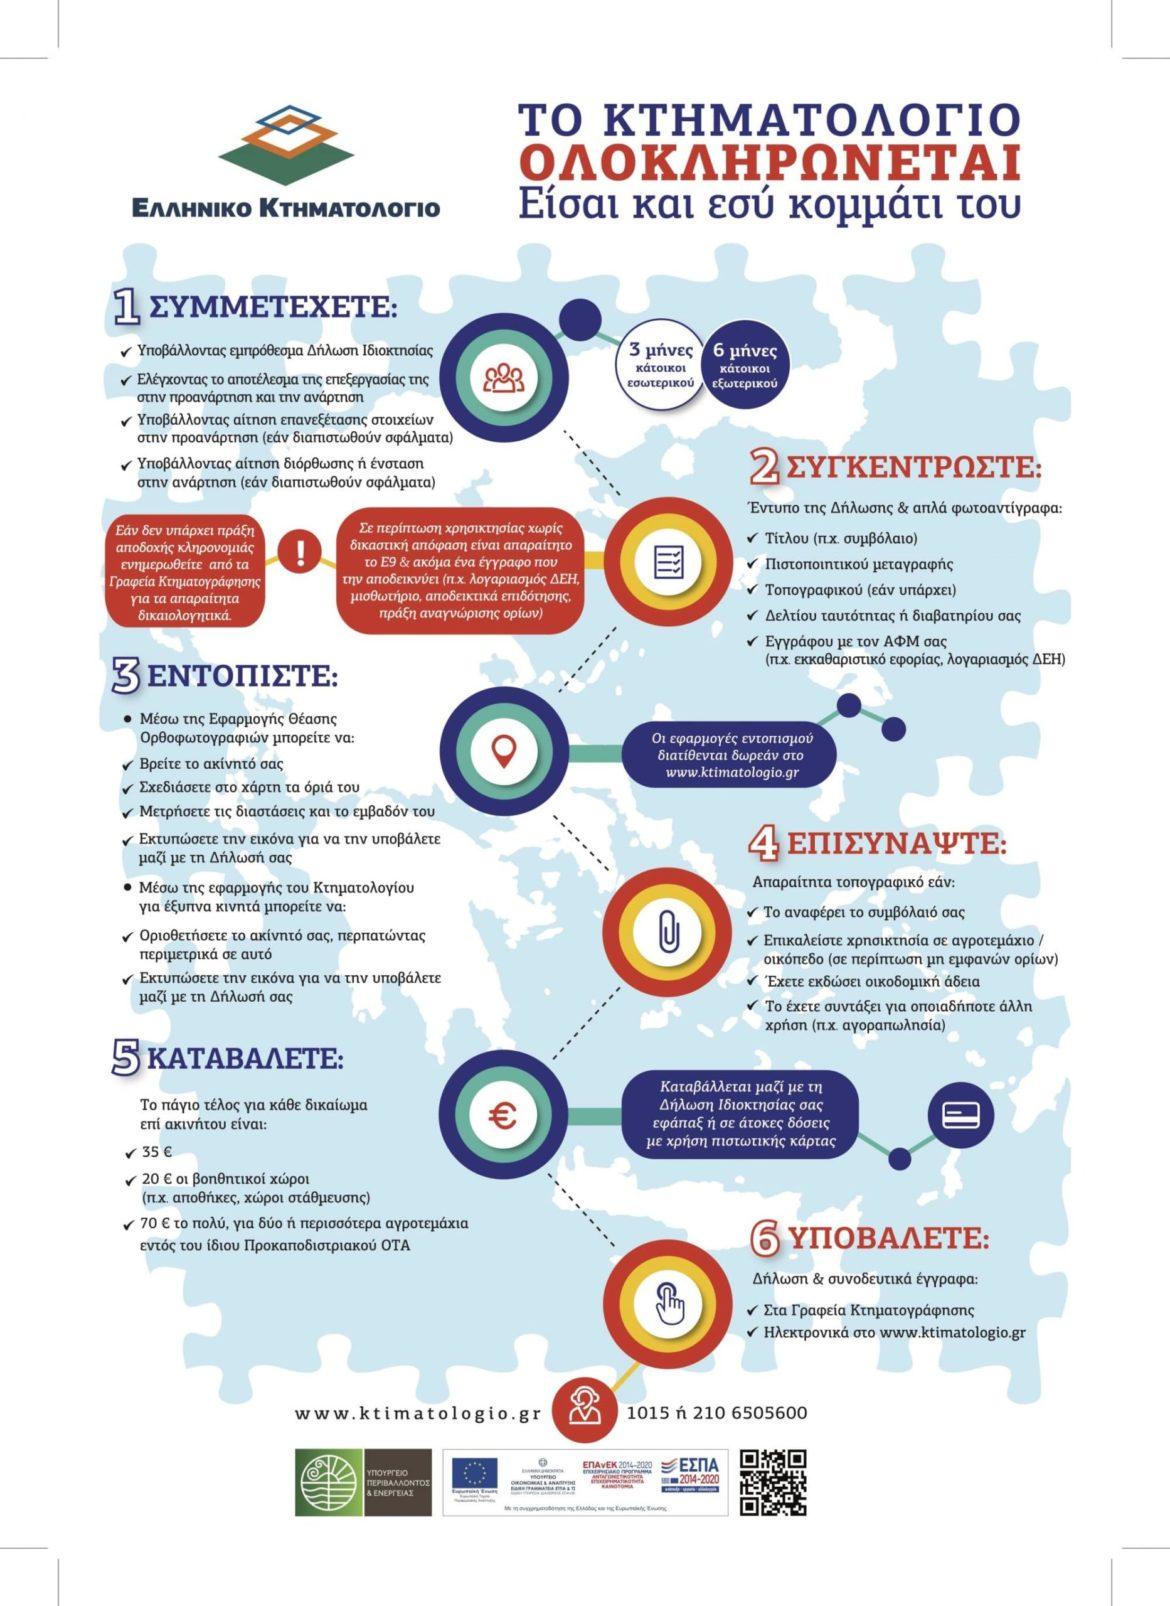 Δείτε το infographic με τα έξι βήματα της συλλογής δηλώσεων Κτηματολογίου.